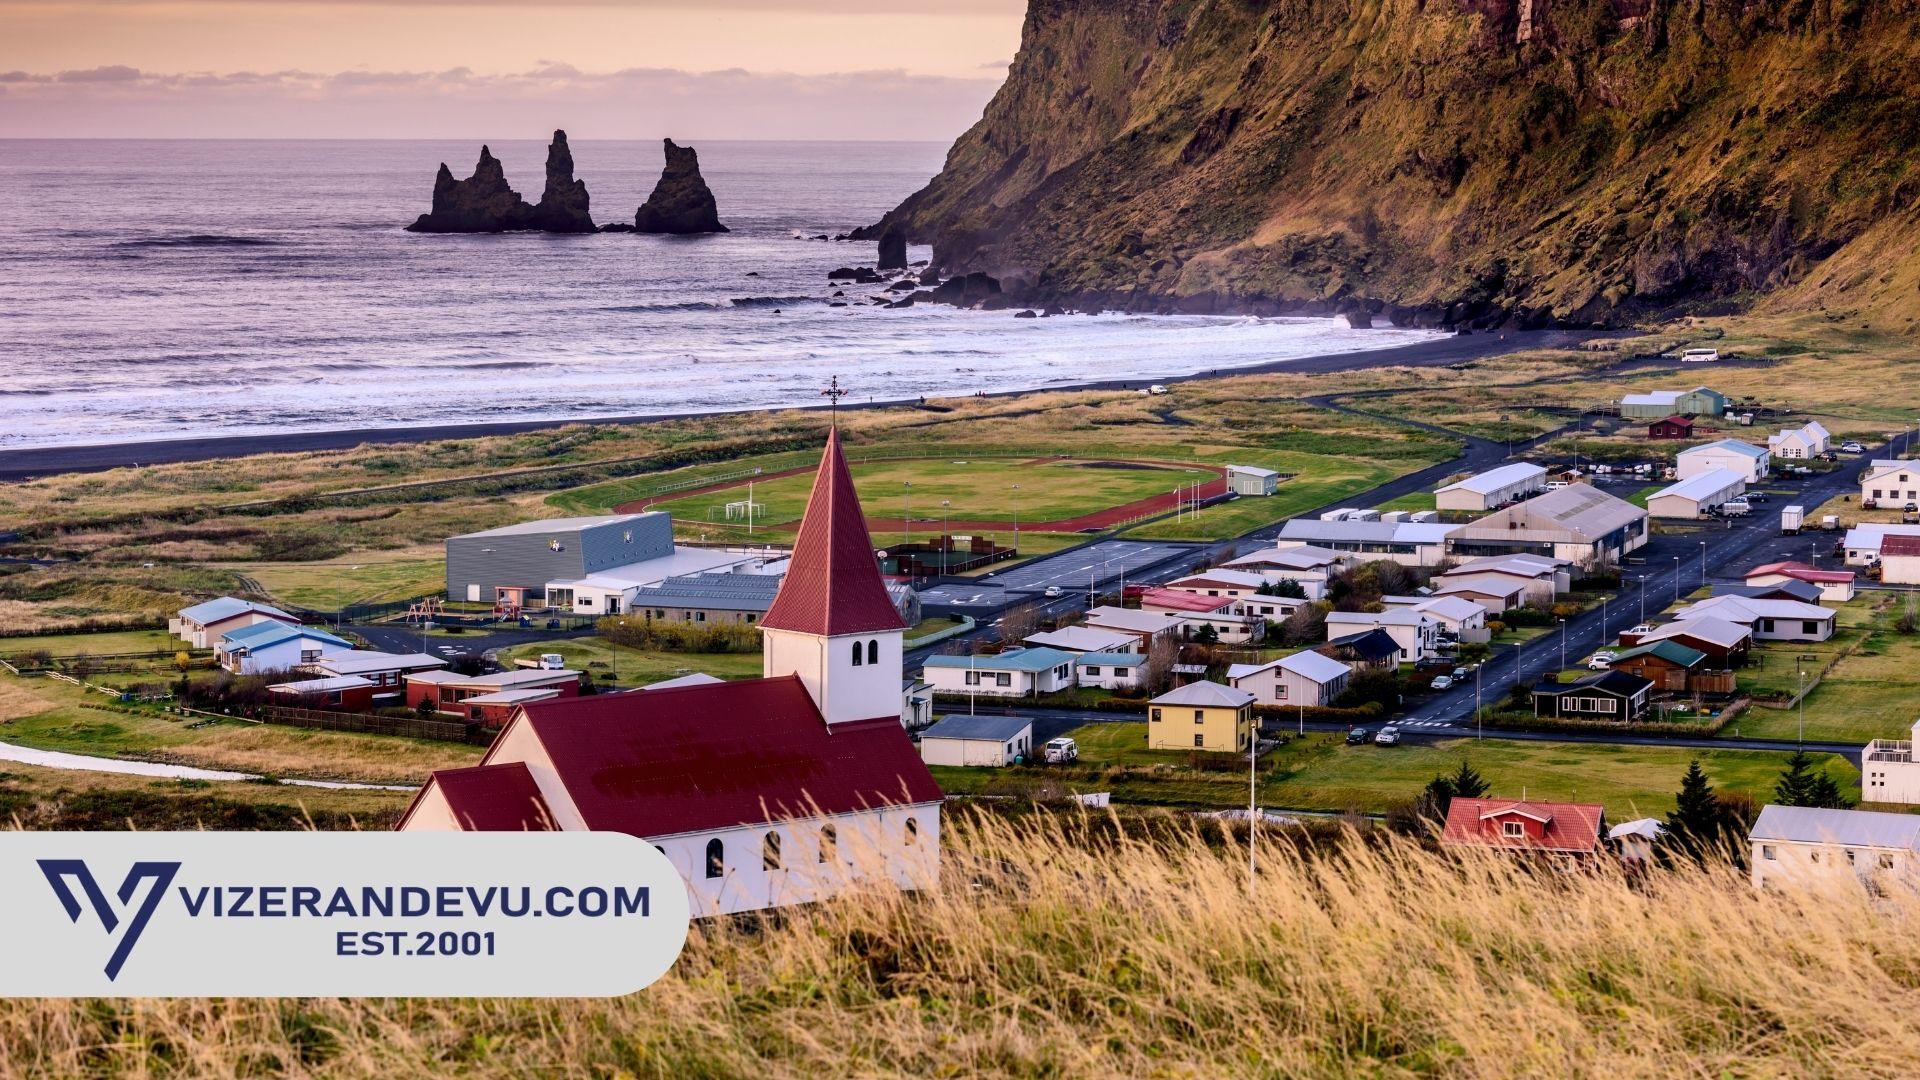 İzlanda Oturum ve Vatandaşlık Başvurusu